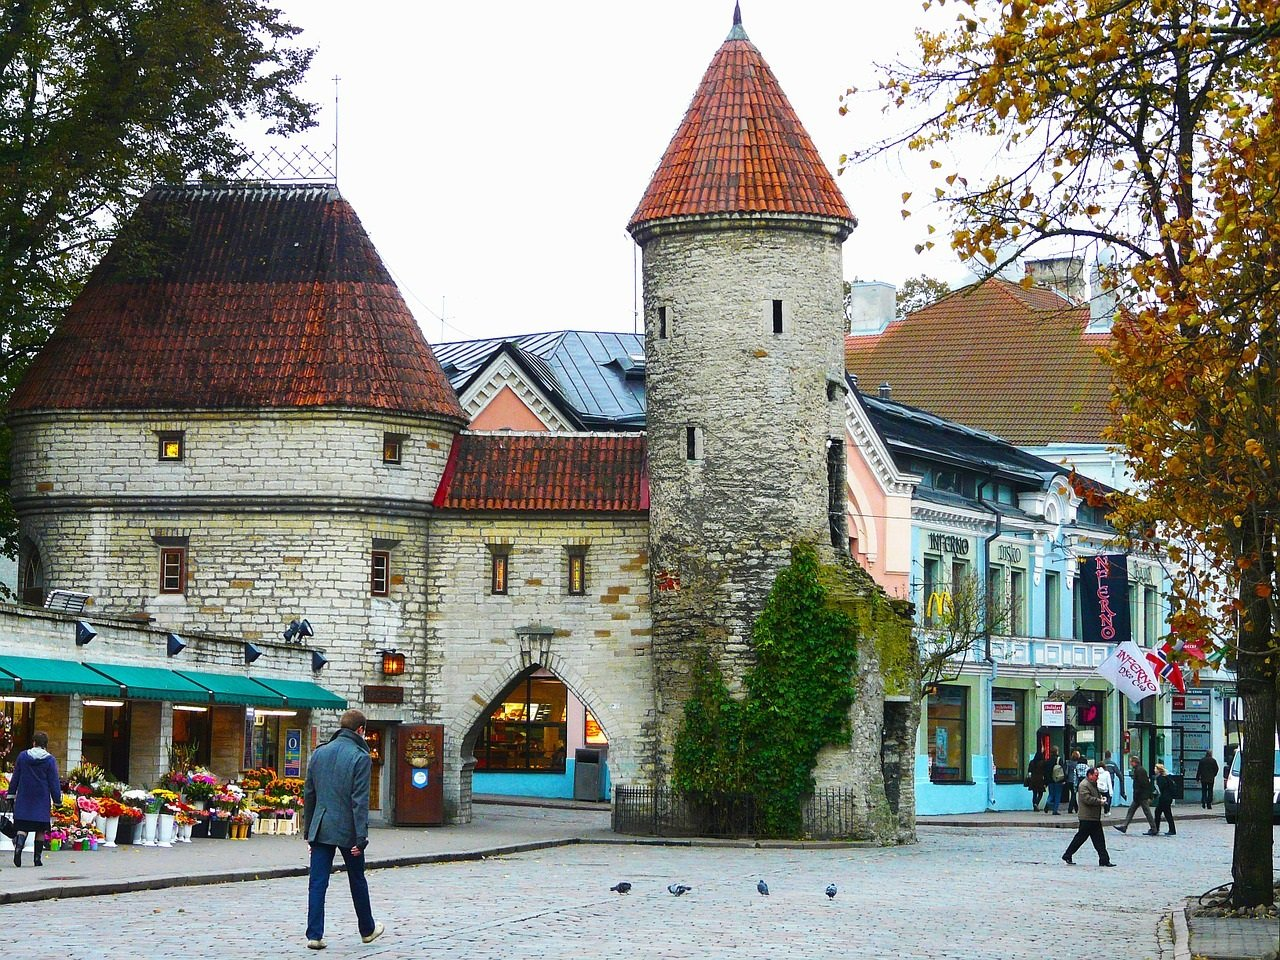 Viro Tallinna häämatka